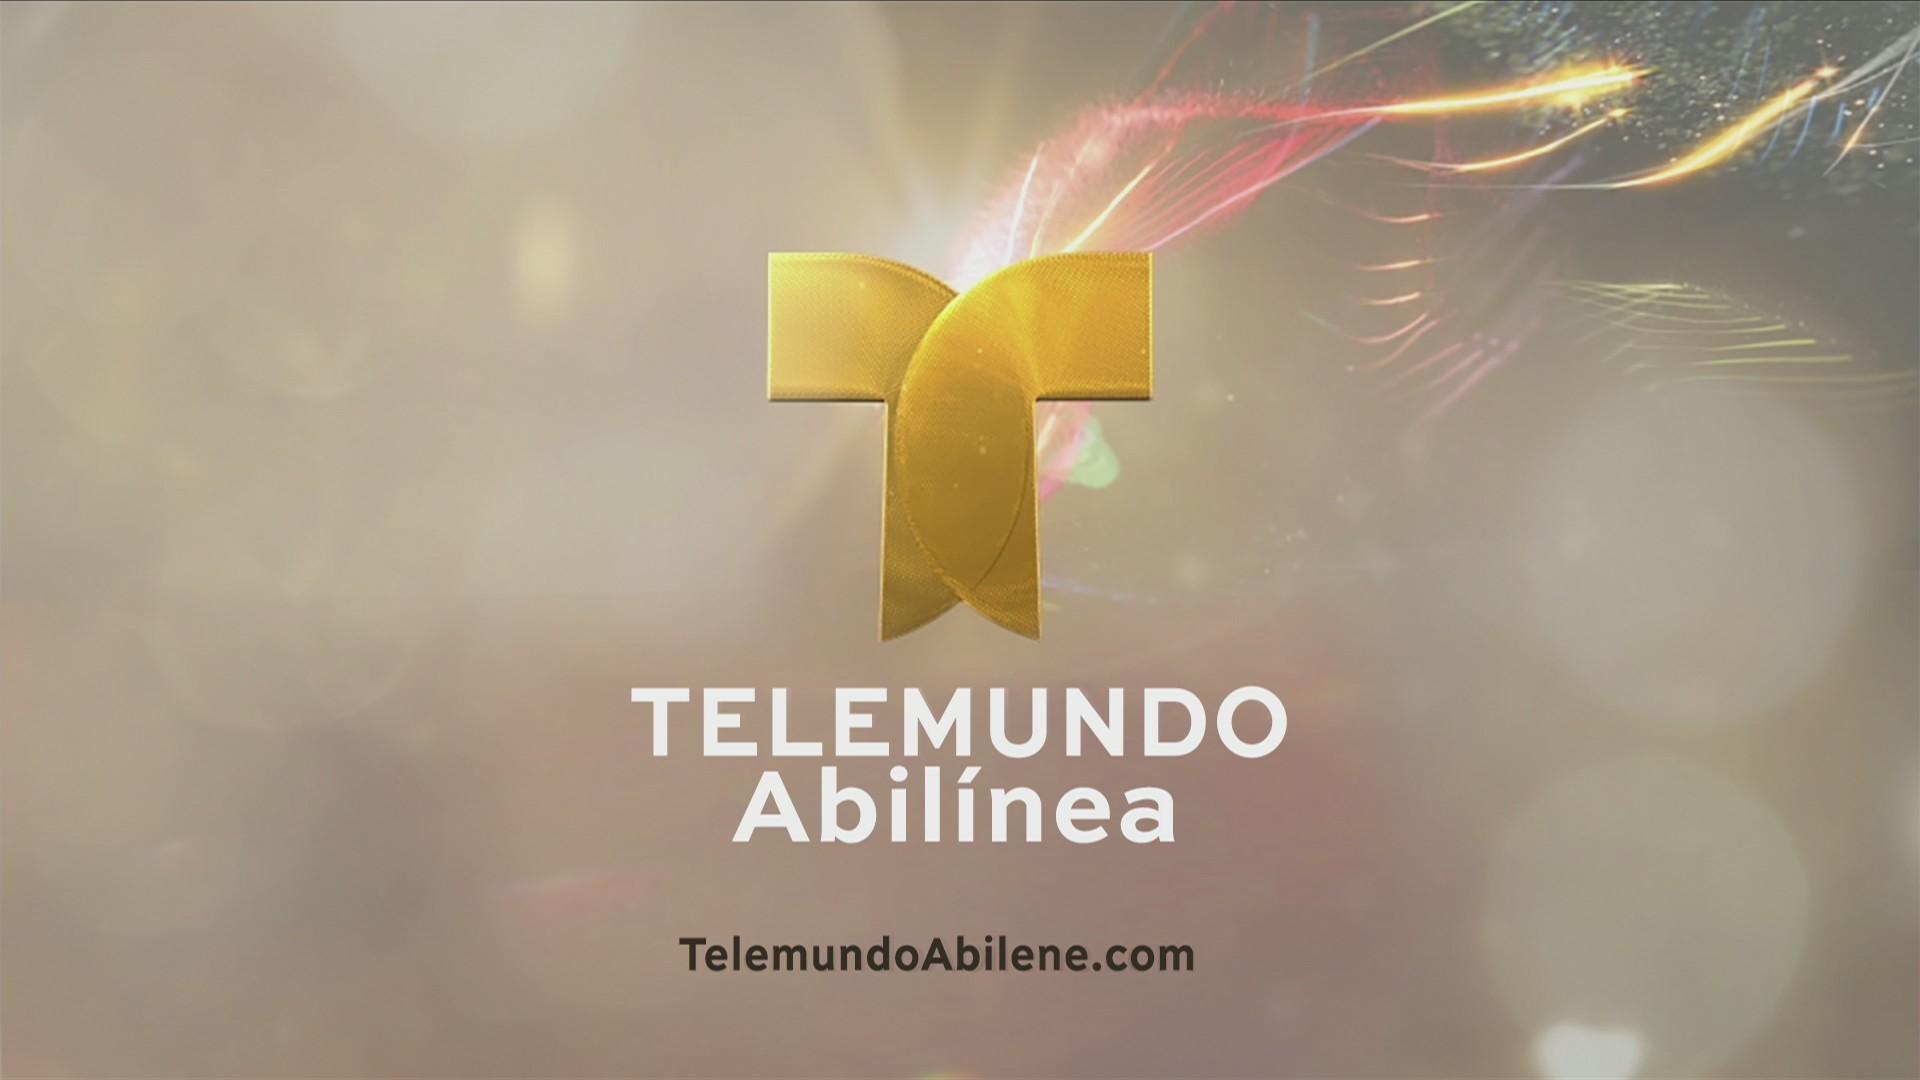 Telemundo Abilínea - 25 de febrero, 2019